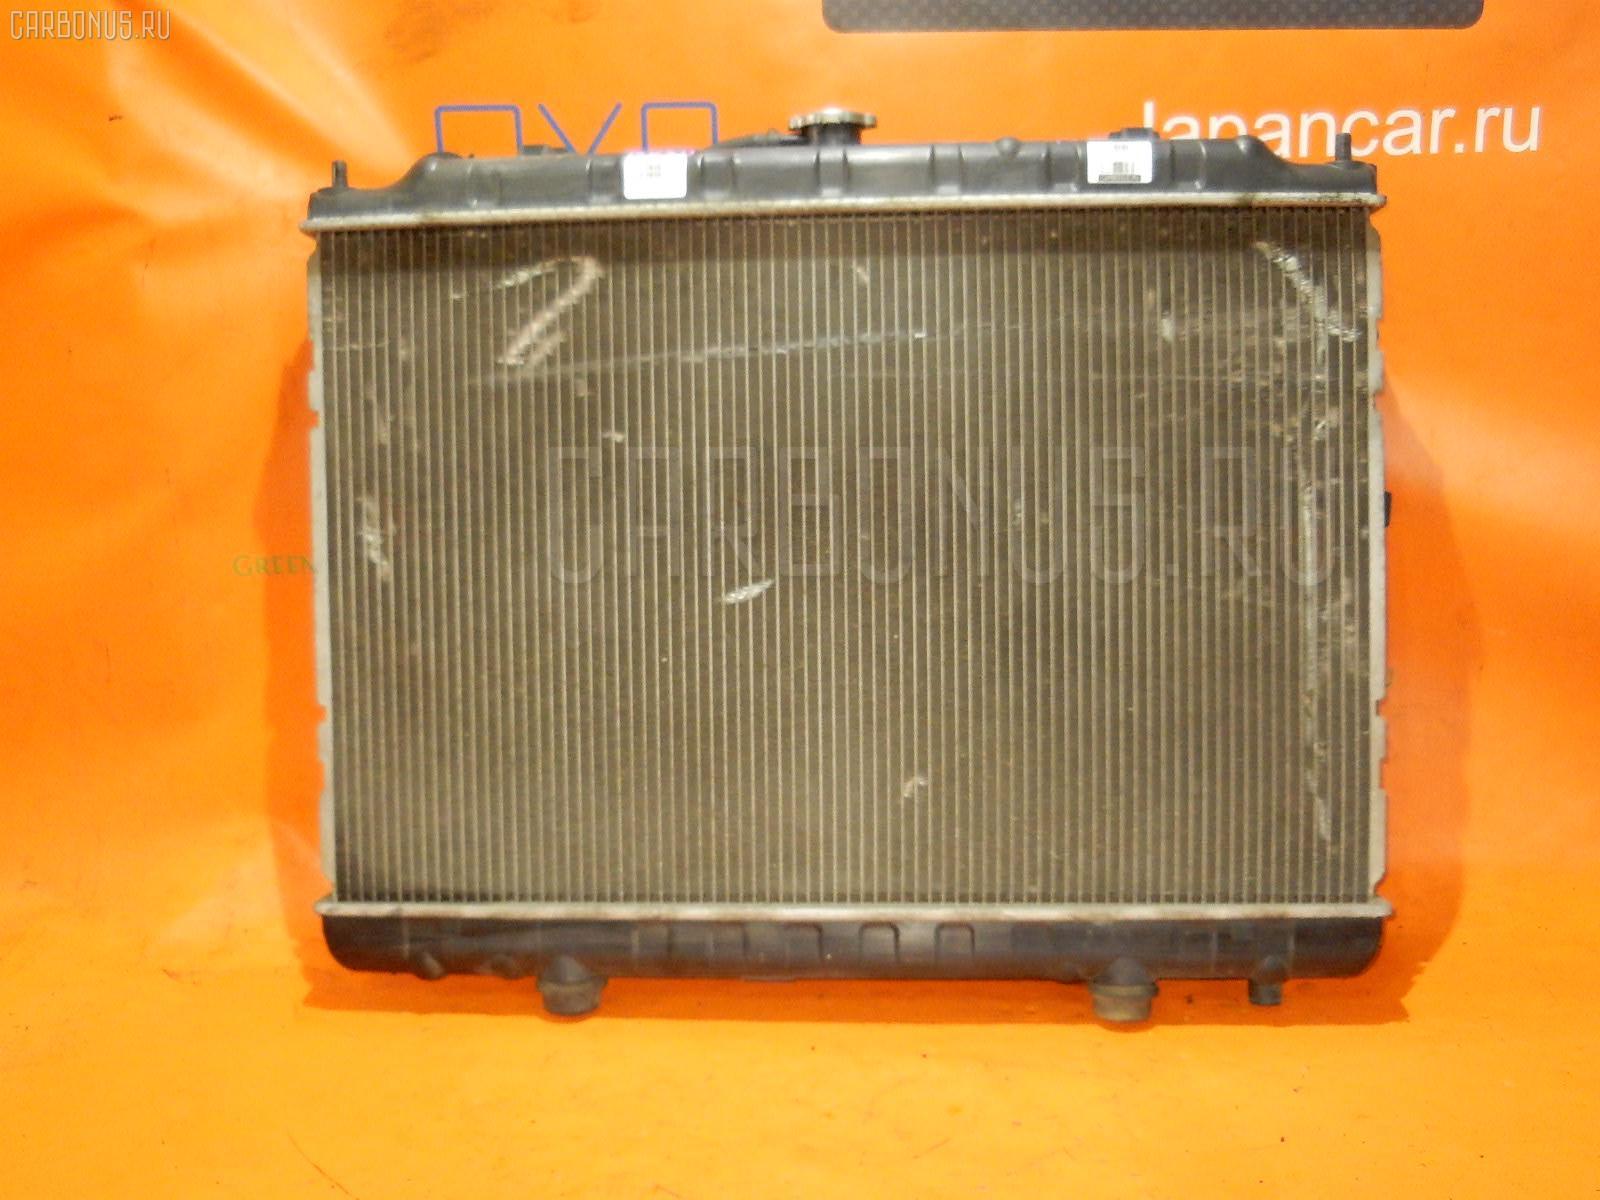 Радиатор ДВС NISSAN PRESAGE NU30 KA24DE. Фото 10